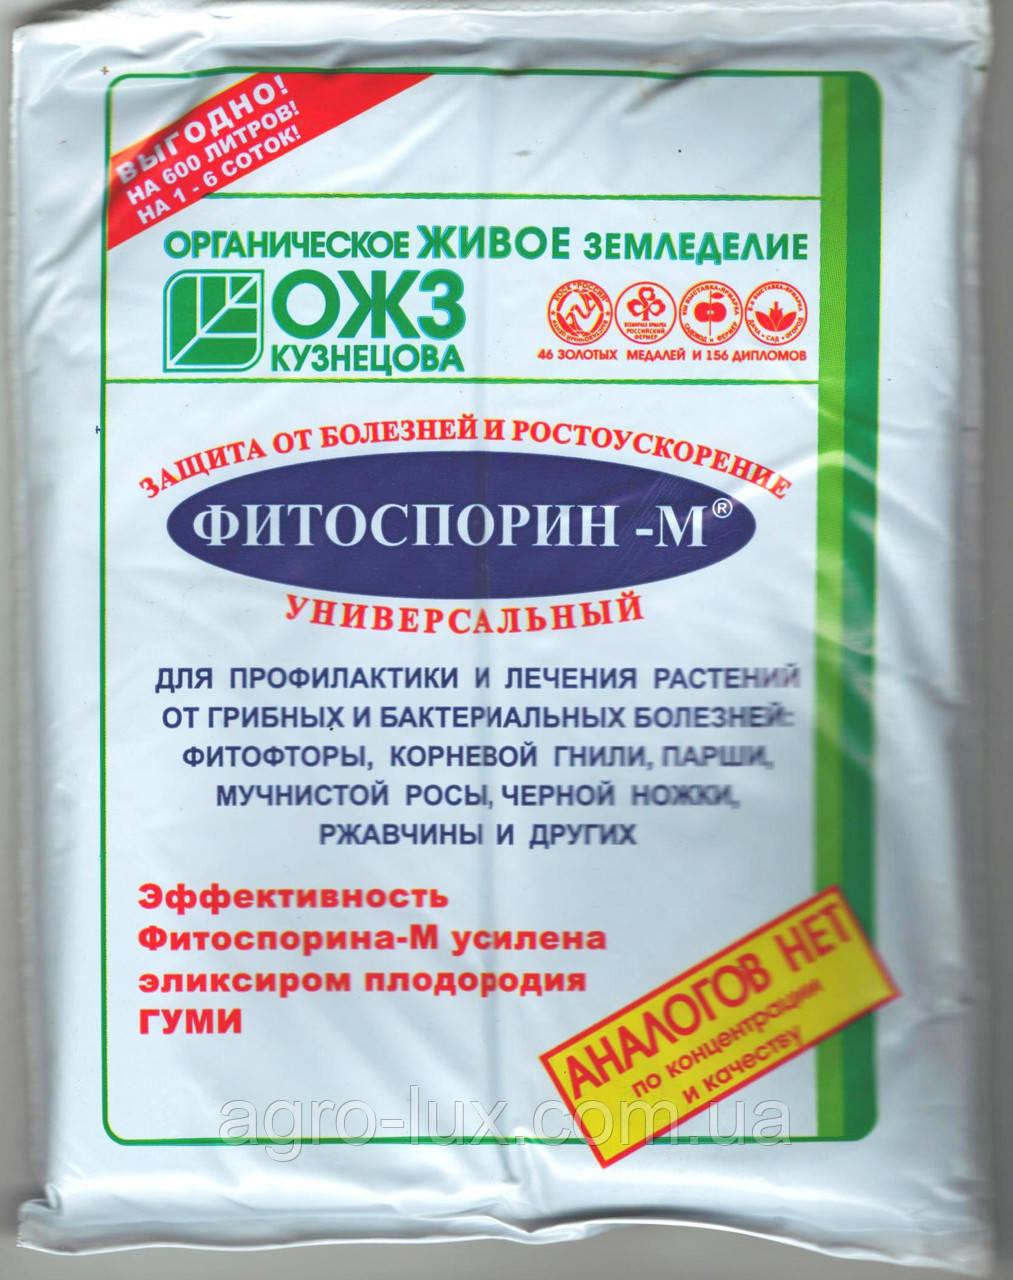 Фунгицид Фитоспорин М: инструкция по применению порошка и пасты для огурцов, клубники и других растений